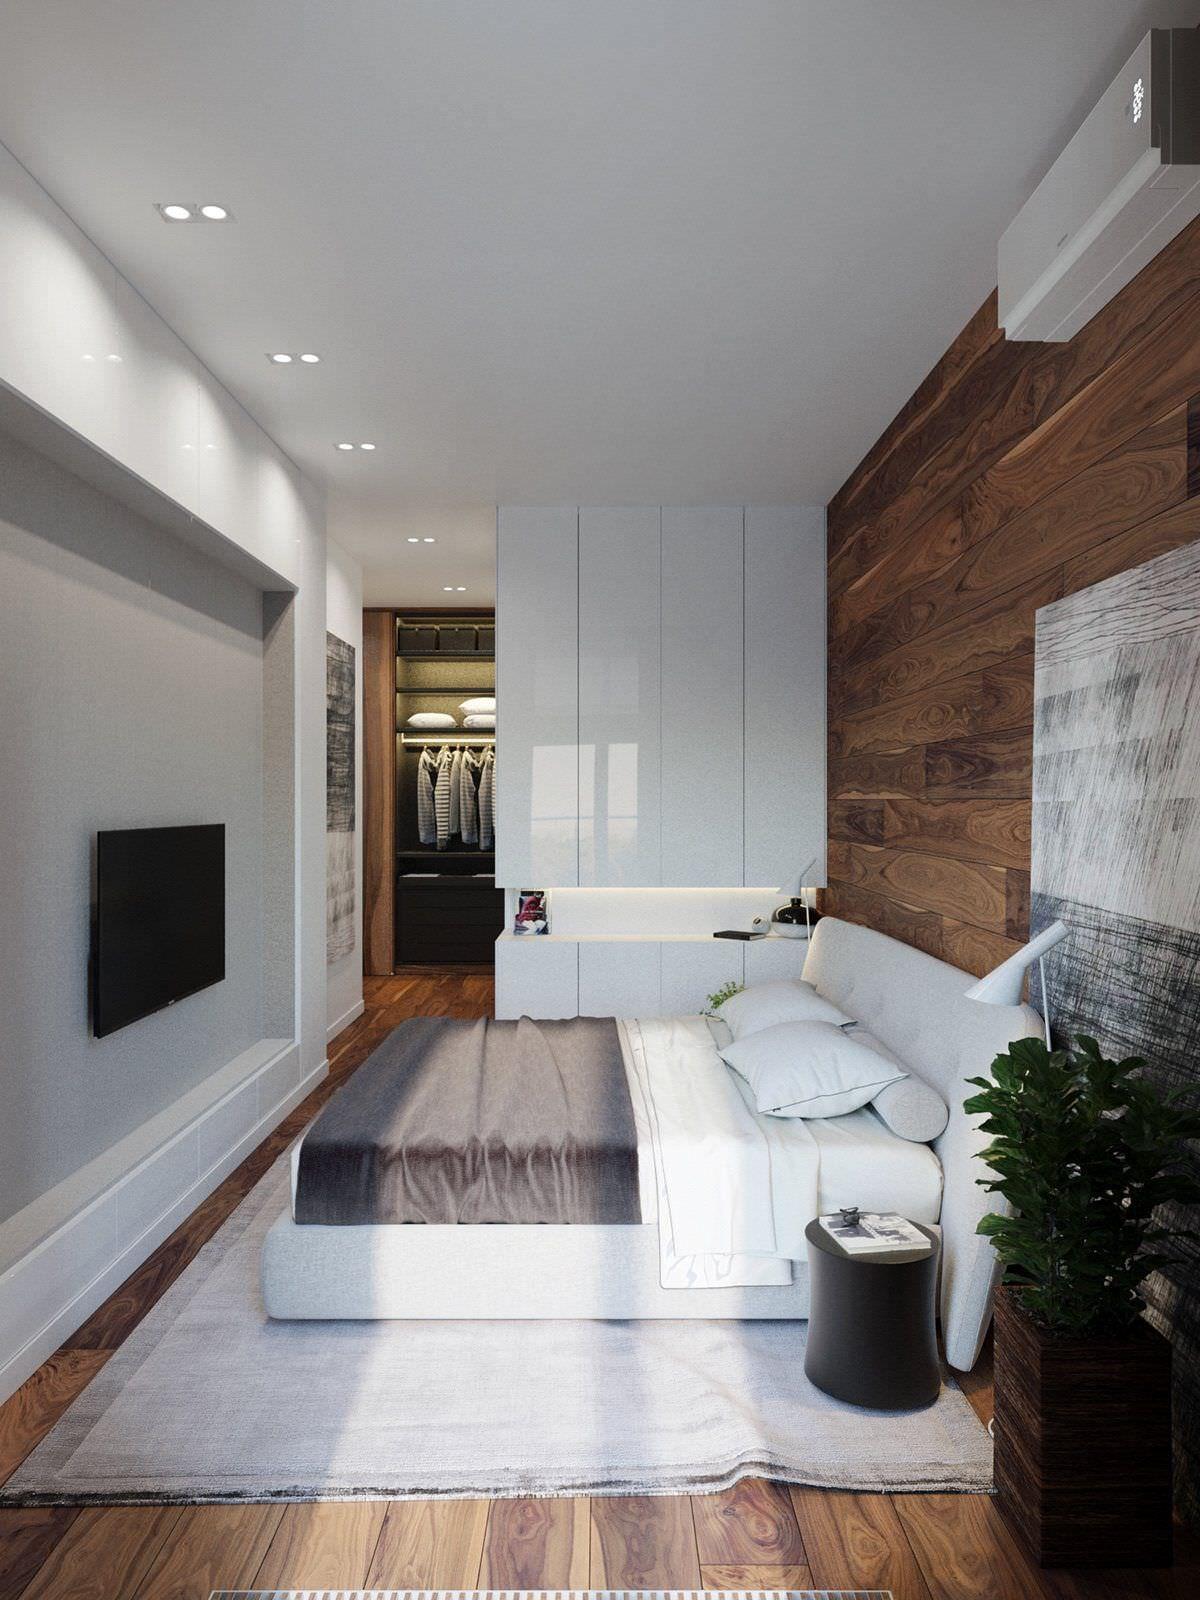 Camere Da Letto Ultramoderne 100 idee camere da letto moderne • stile e design per un